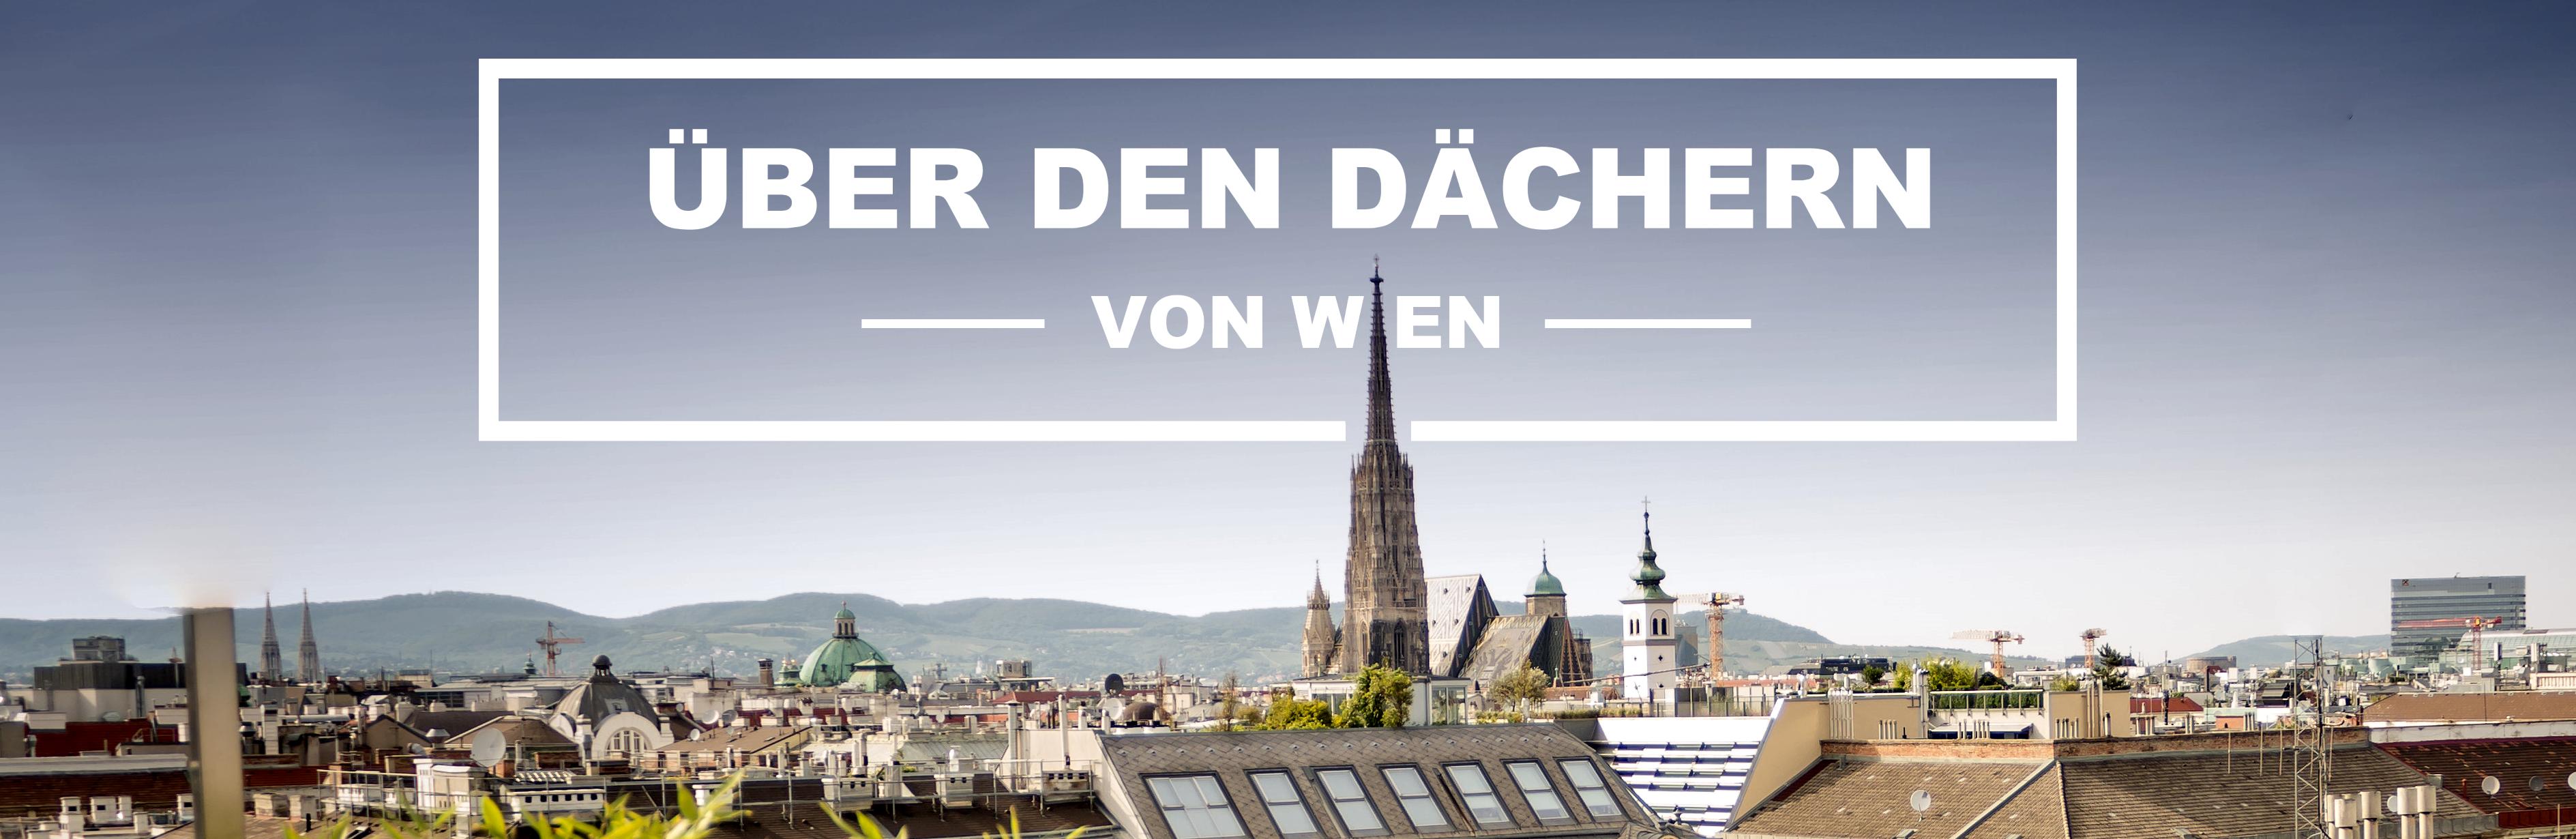 Ueber den Daechern - Logo